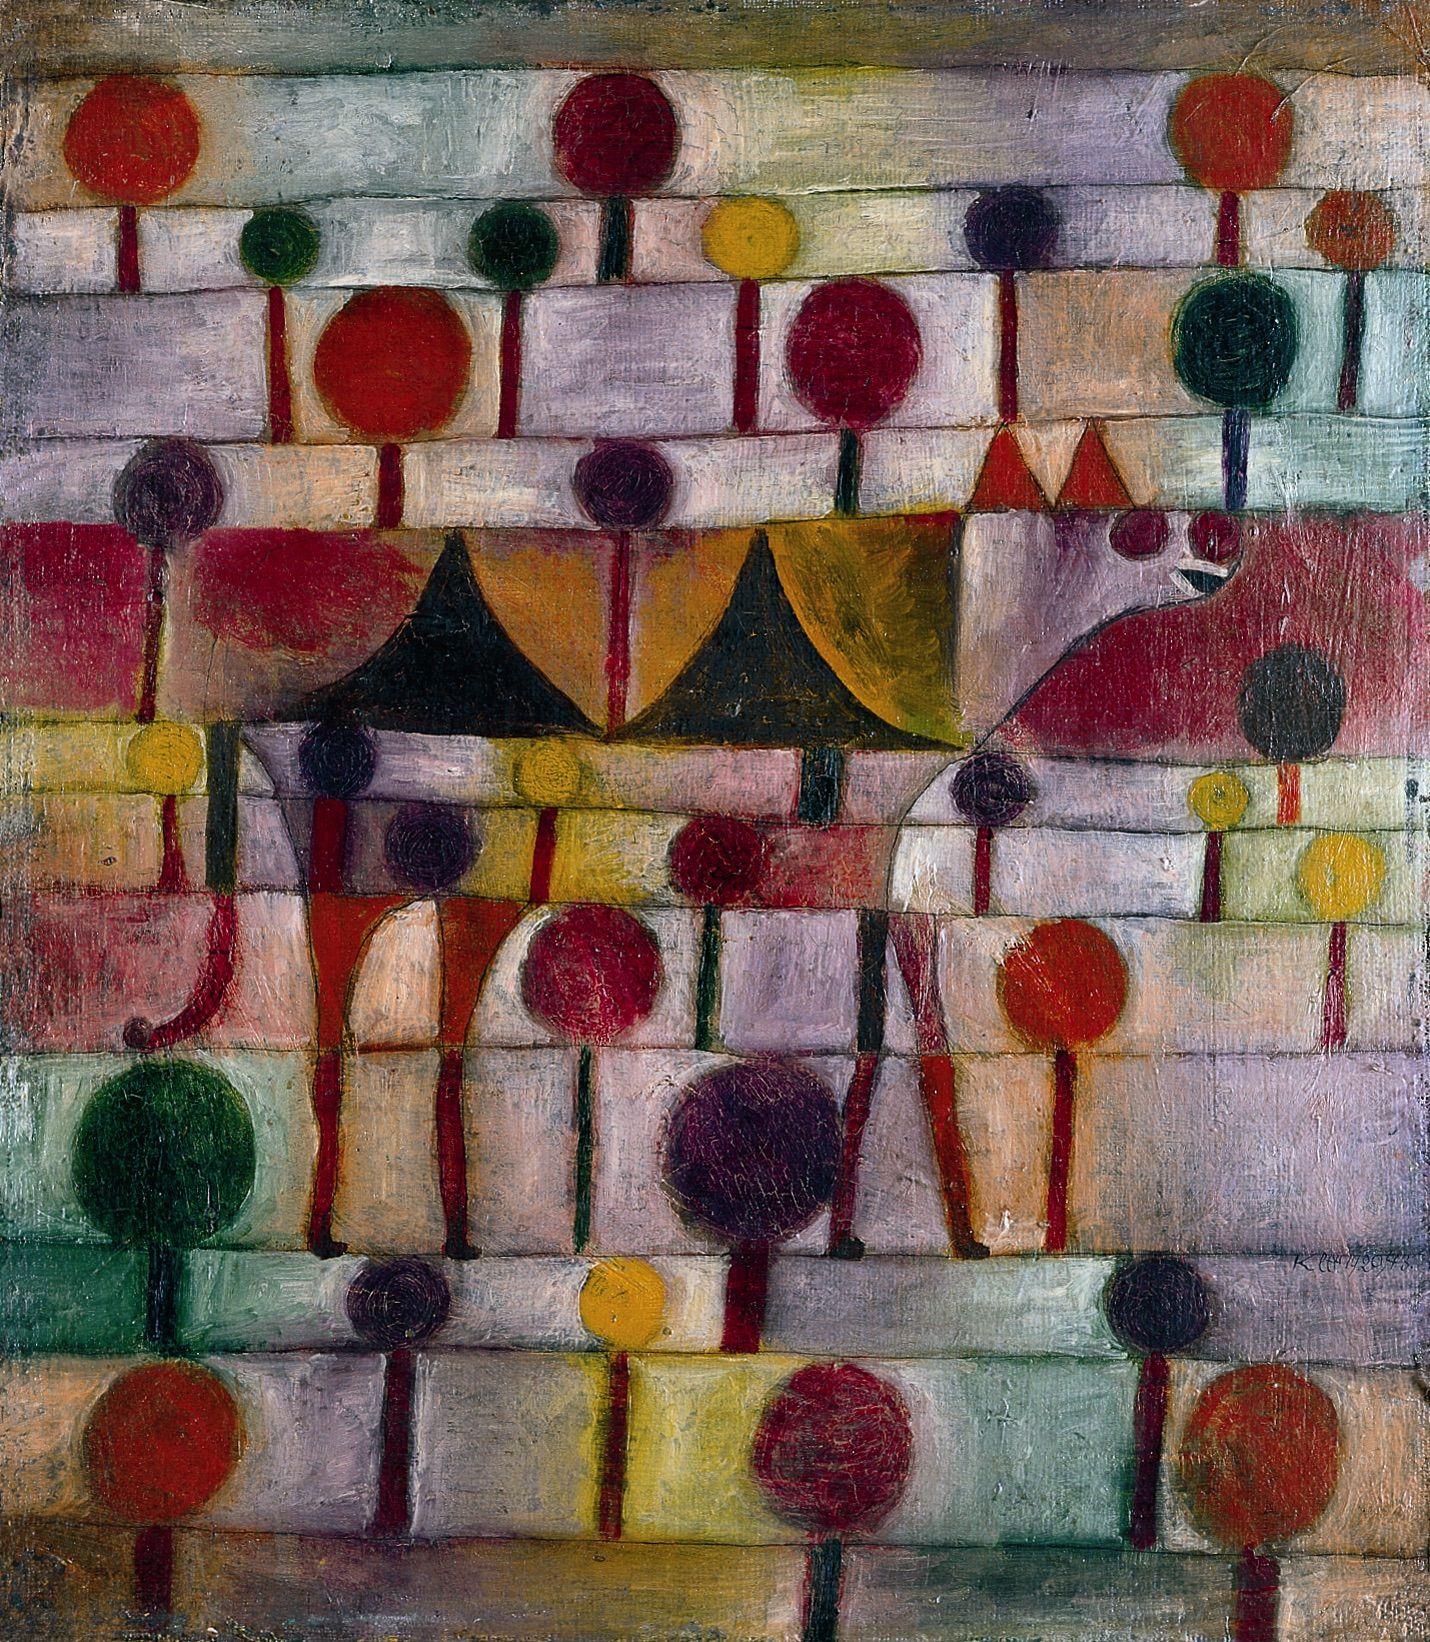 Kamel (in rhythm. Baumlandschaft)   Paul Klee   1920   Kunstsammlung Nordrhein-Westfalen, Düsseldorf   Public Domain